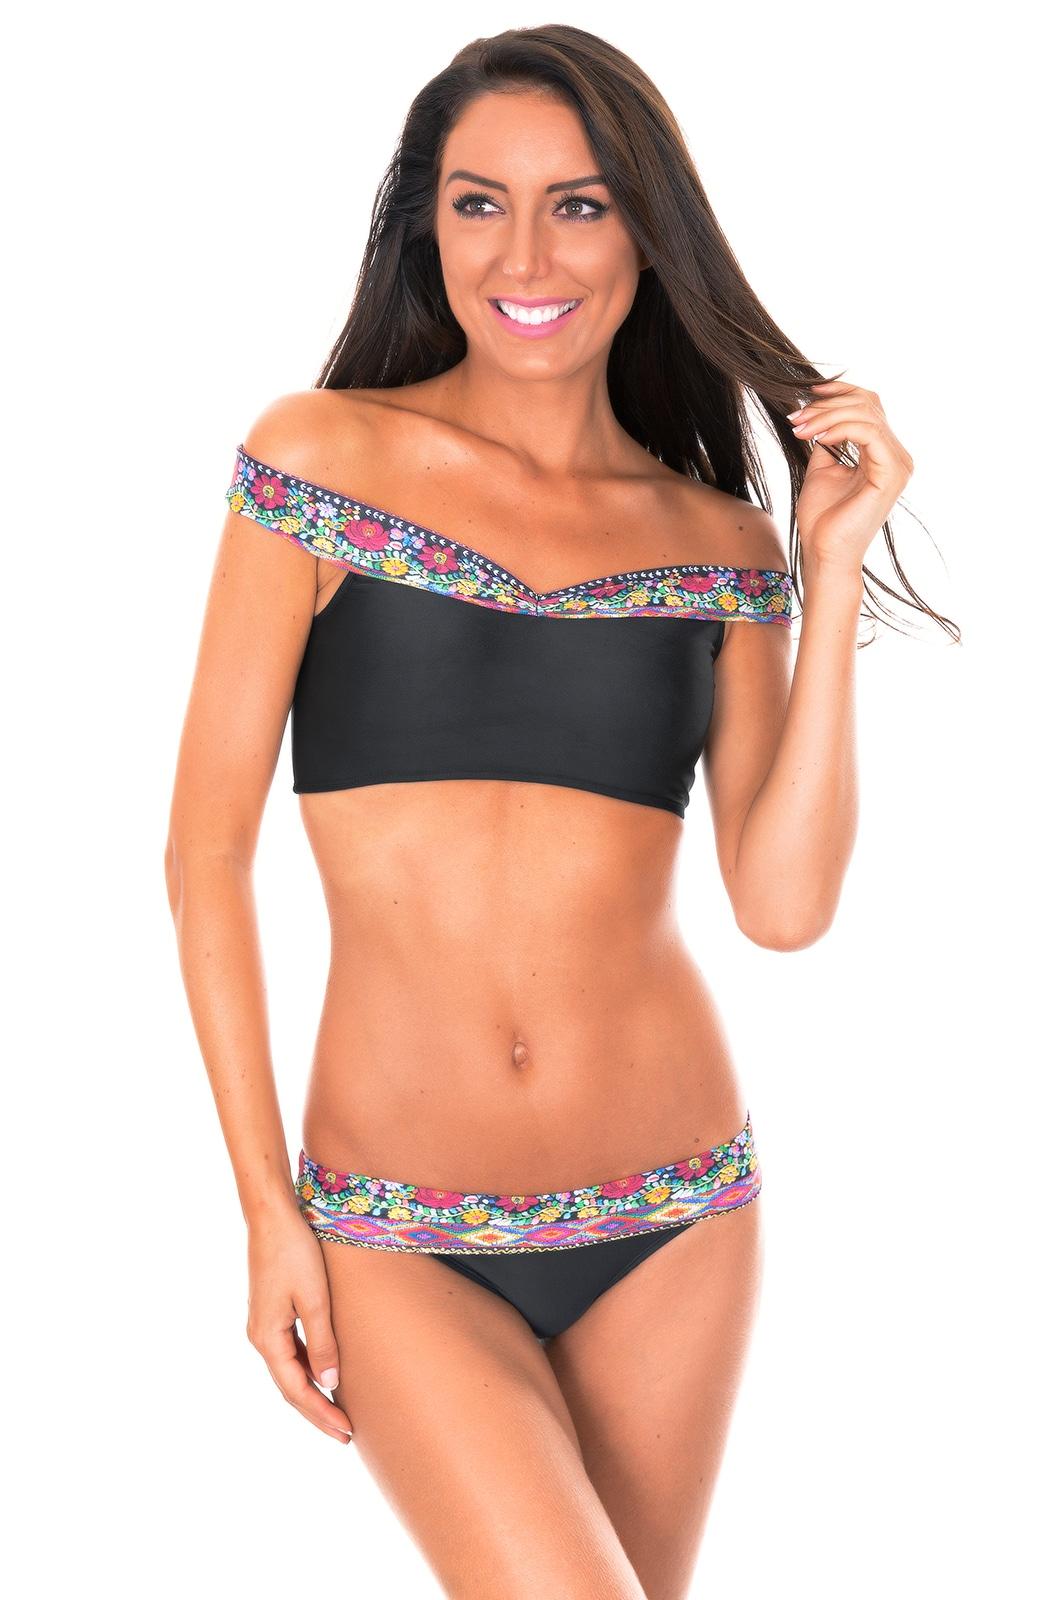 crop top off shoulder bikini farbe schwarz bedruckt. Black Bedroom Furniture Sets. Home Design Ideas